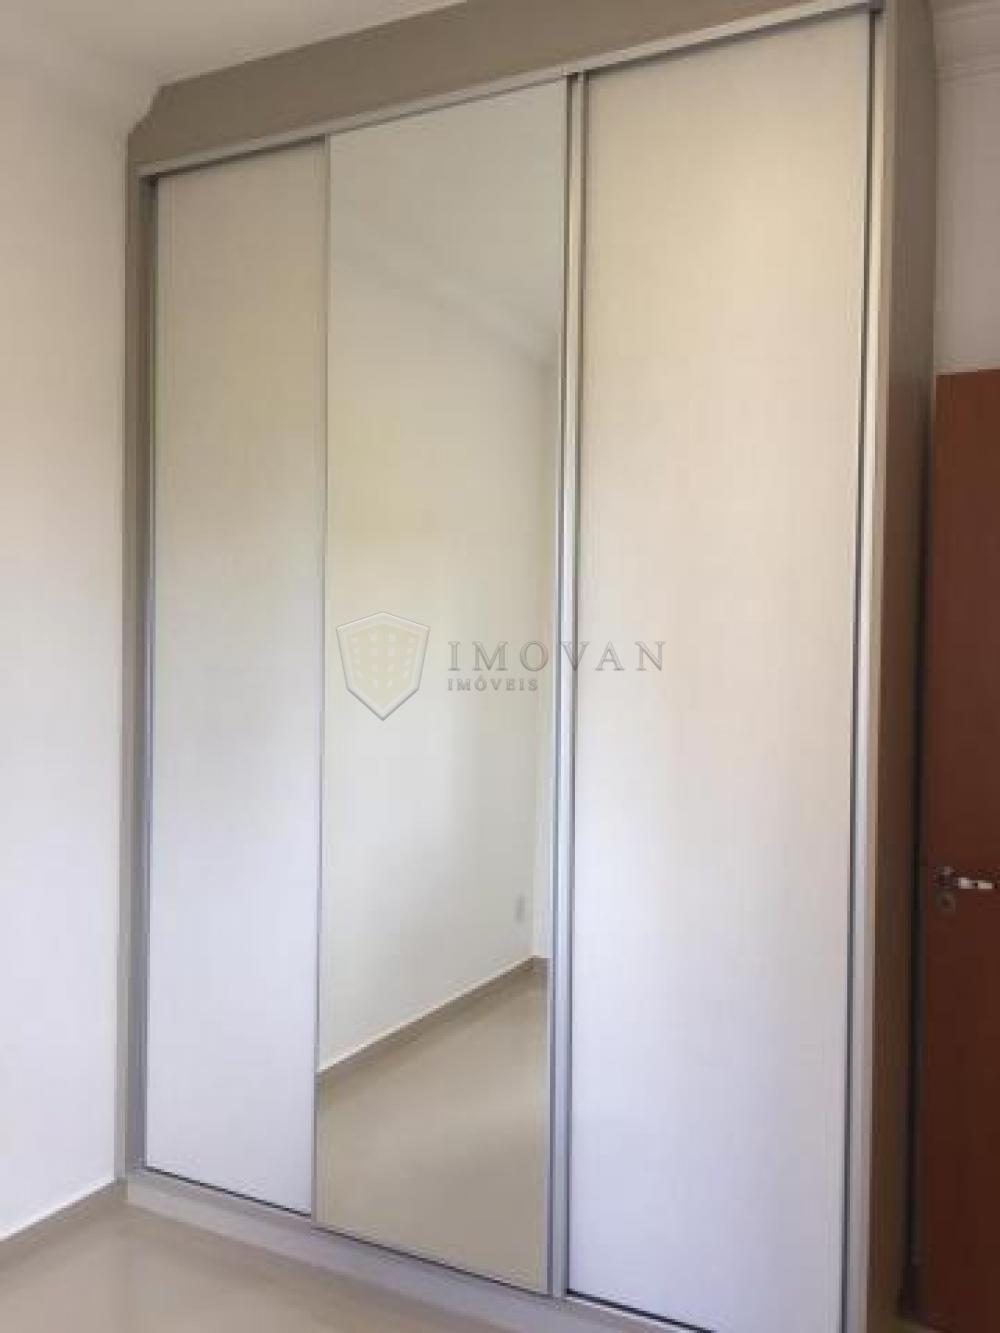 Comprar Apartamento / Padrão em Ribeirão Preto R$ 440.000,00 - Foto 13